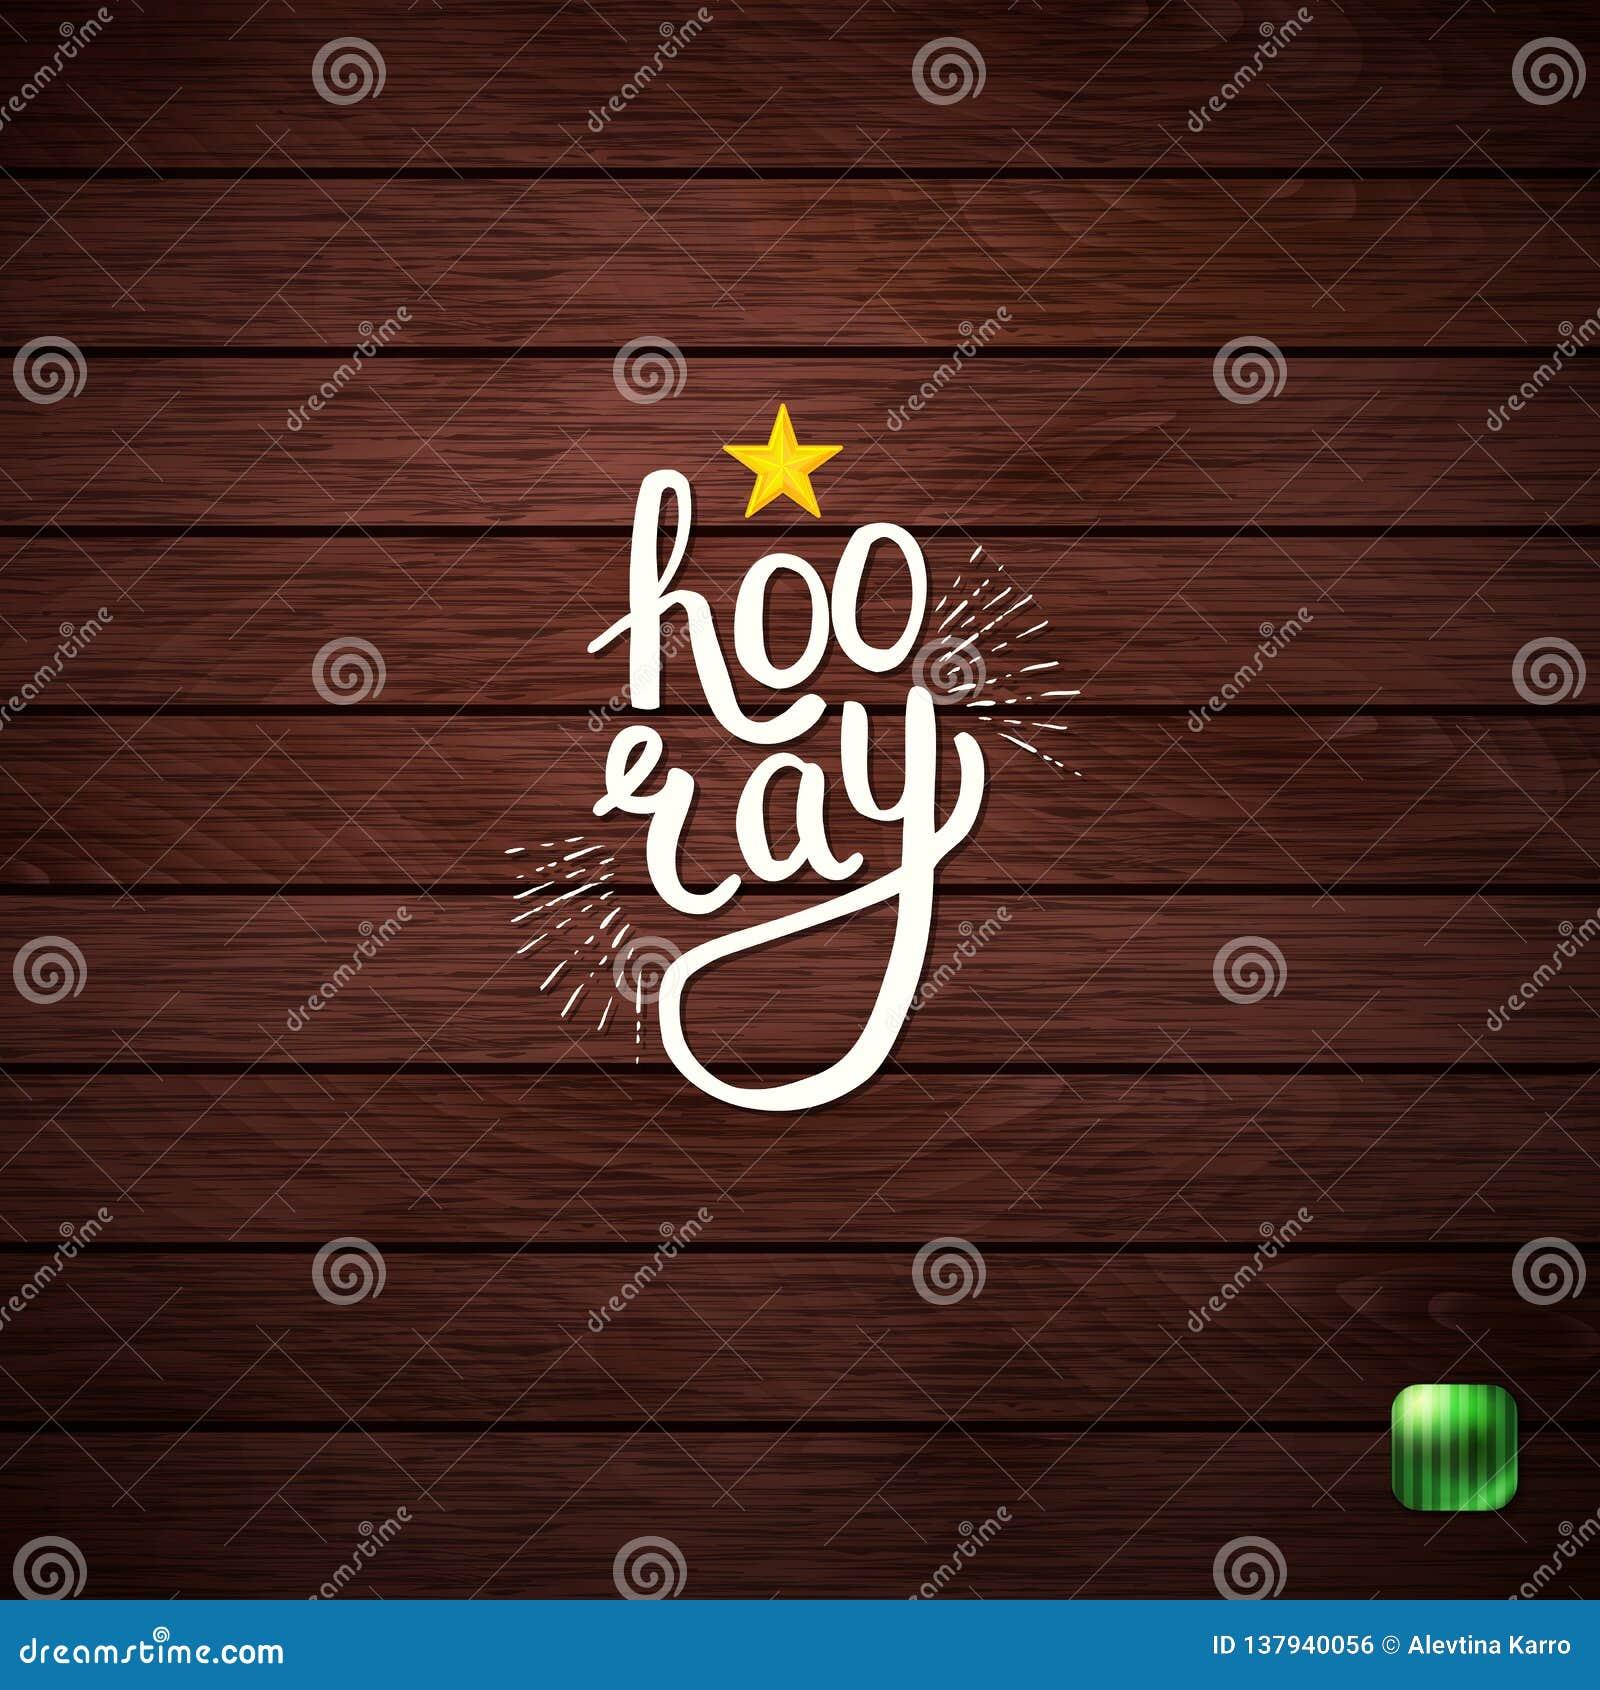 Modieuze Hooray-Tekst op Abstracte Houten Achtergrond